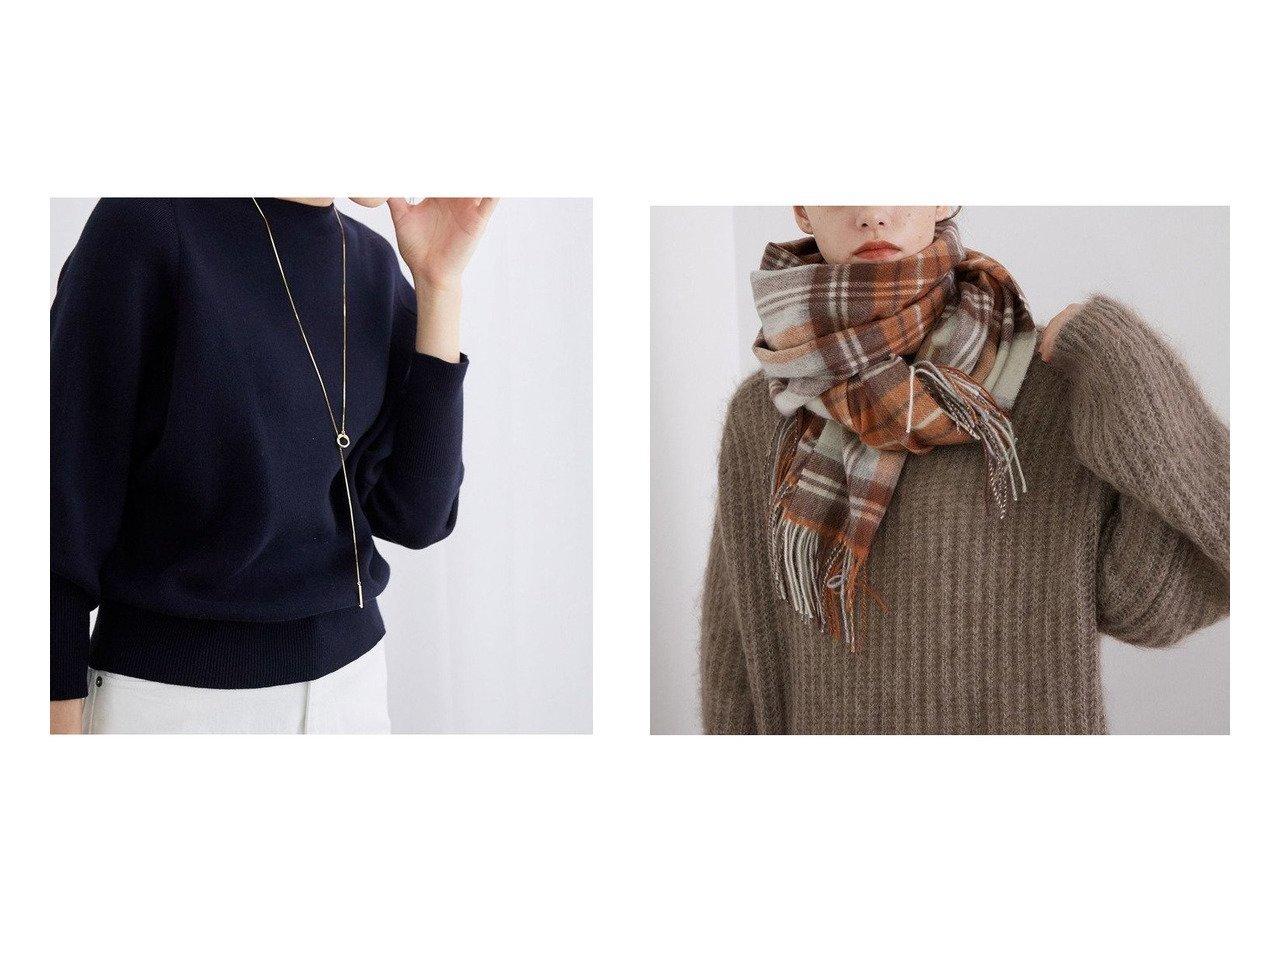 【ROPE/ロペ】のリングチェーンラリエット&【ROPE' mademoiselle/ロペ マドモアゼル】のウールチェックストール おすすめ!人気トレンド・レディースファッションの通販 おすすめで人気のファッション通販商品 インテリア・家具・キッズファッション・メンズファッション・レディースファッション・服の通販 founy(ファニー) https://founy.com/ ファッション Fashion レディース WOMEN ジュエリー Jewelry リング Rings ネックレス Necklaces ストール Scarves マフラー Mufflers アクセサリー シンプル チェーン ネックレス スカーフ ストール チェック マフラー 冬 Winter |ID:crp329100000006891